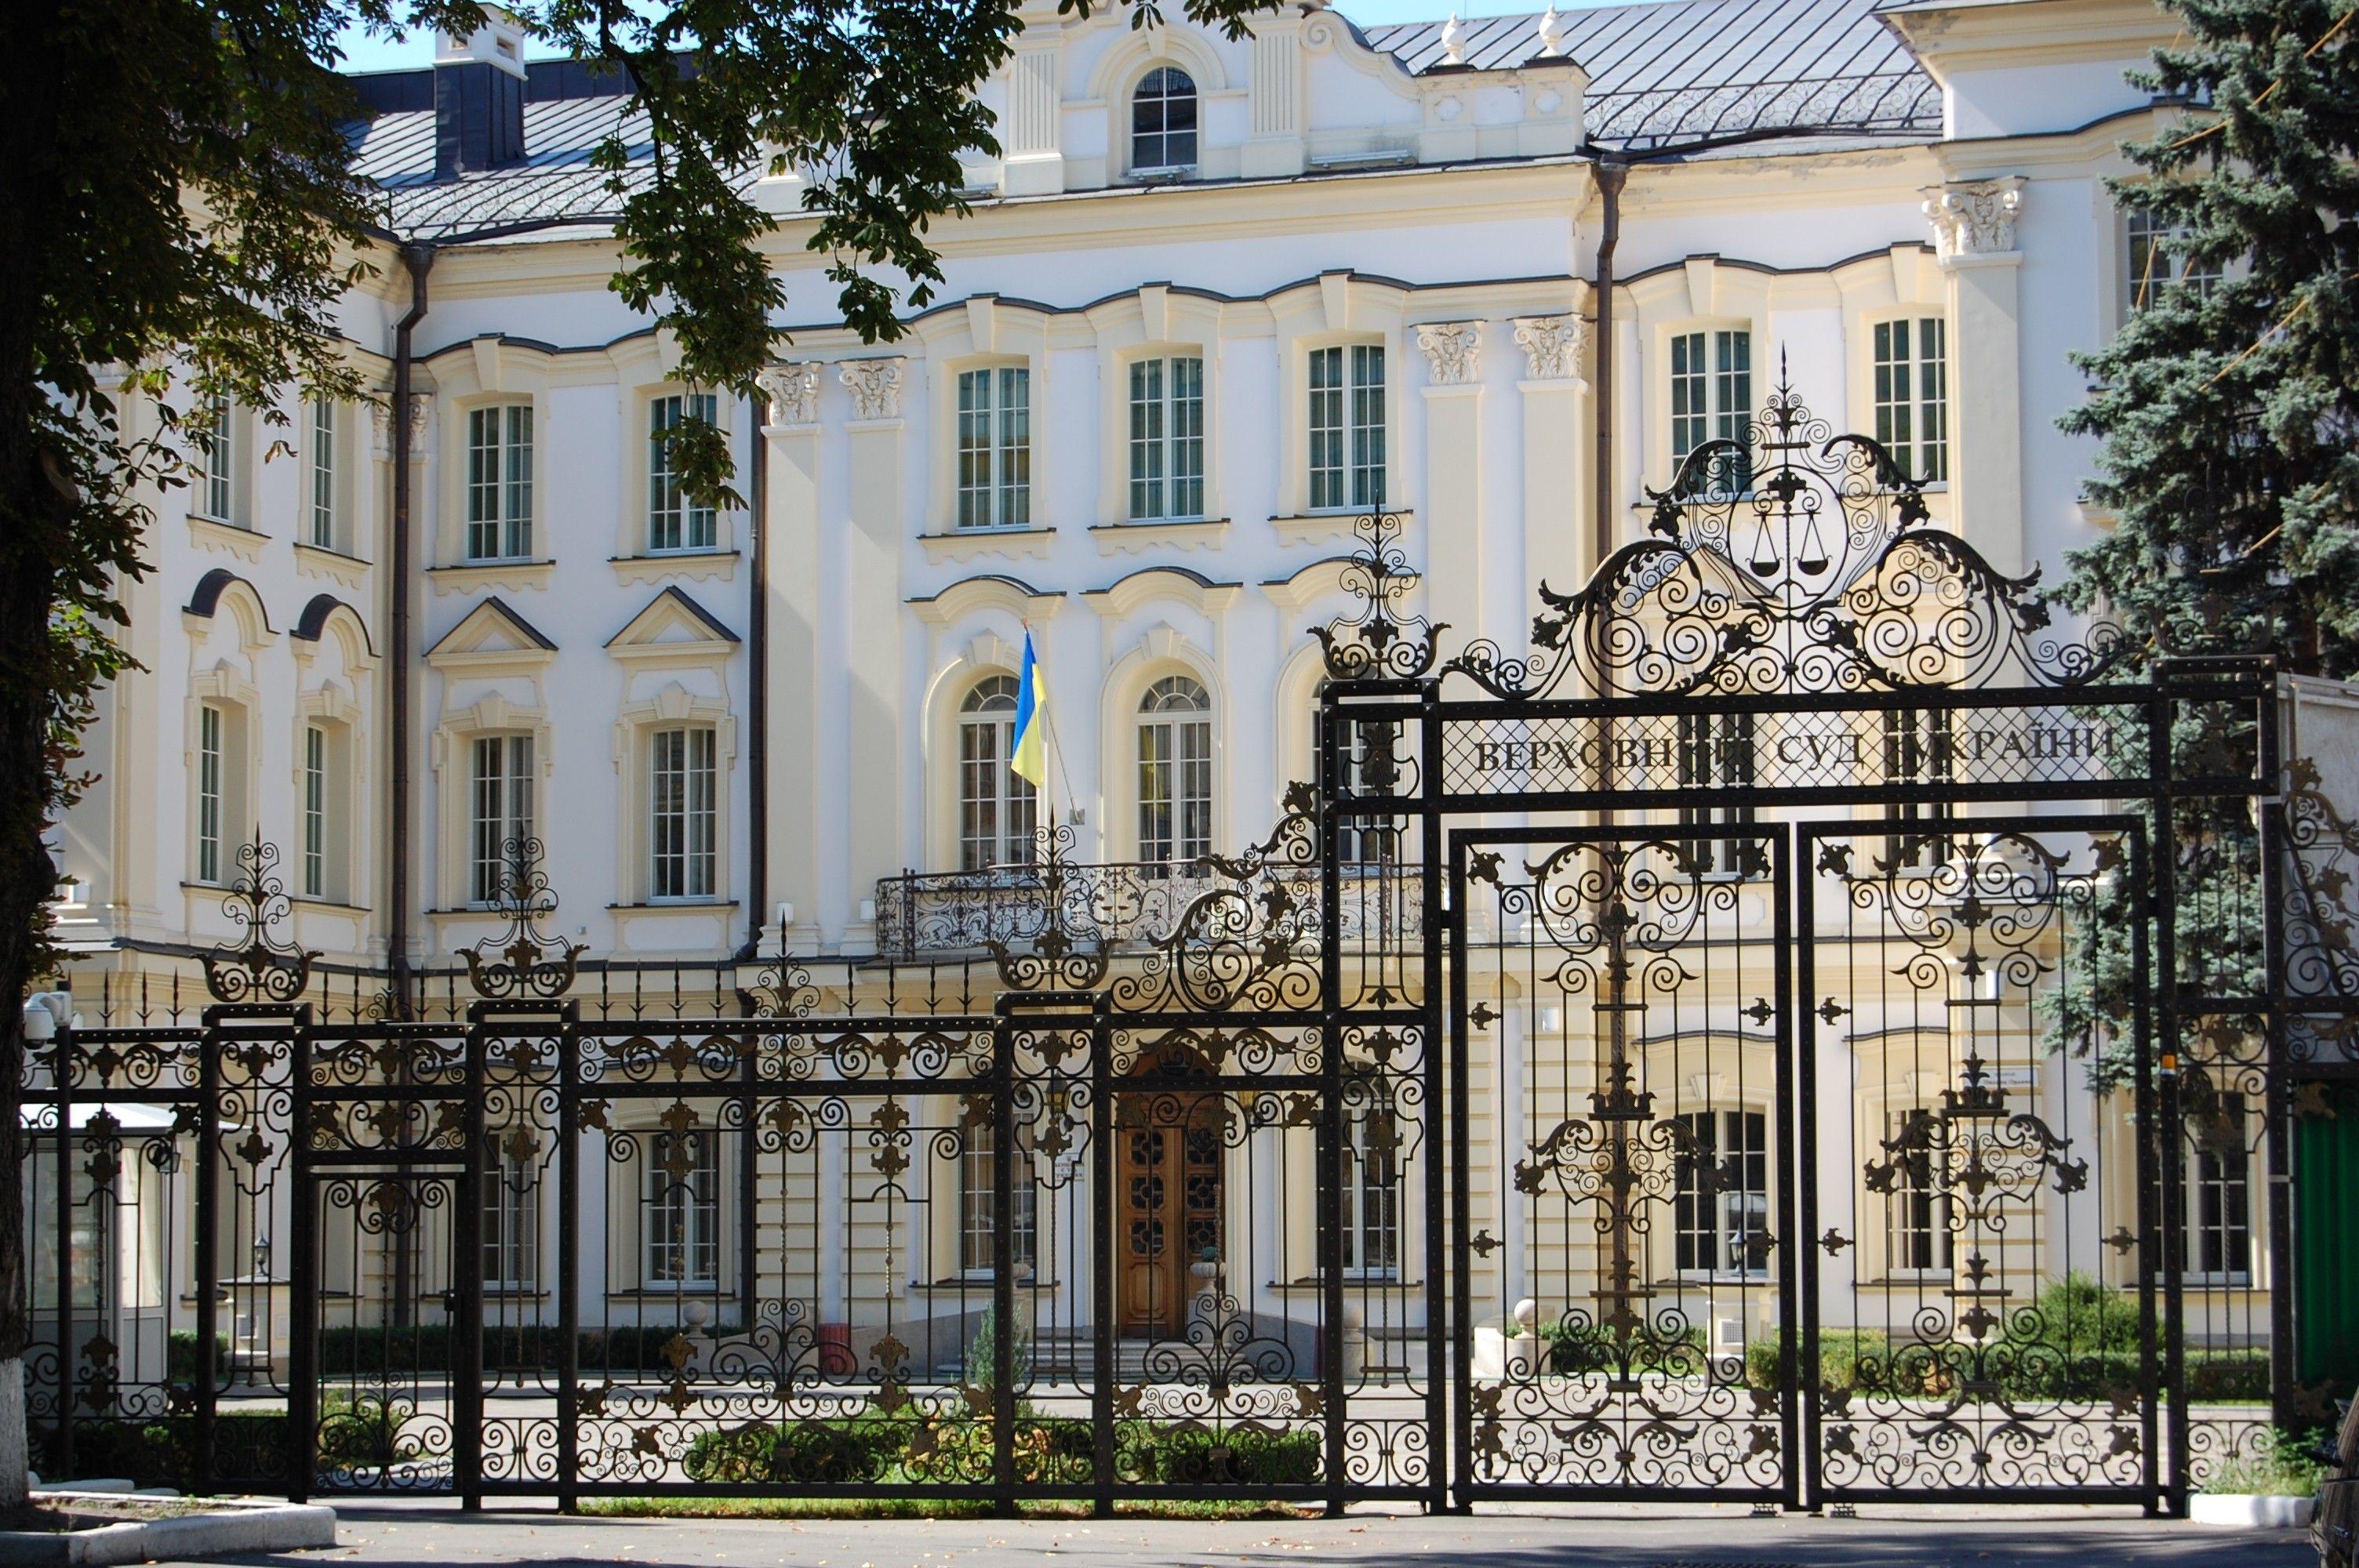 ВСУ Верховный суд Украины / prokuratura.org.ua